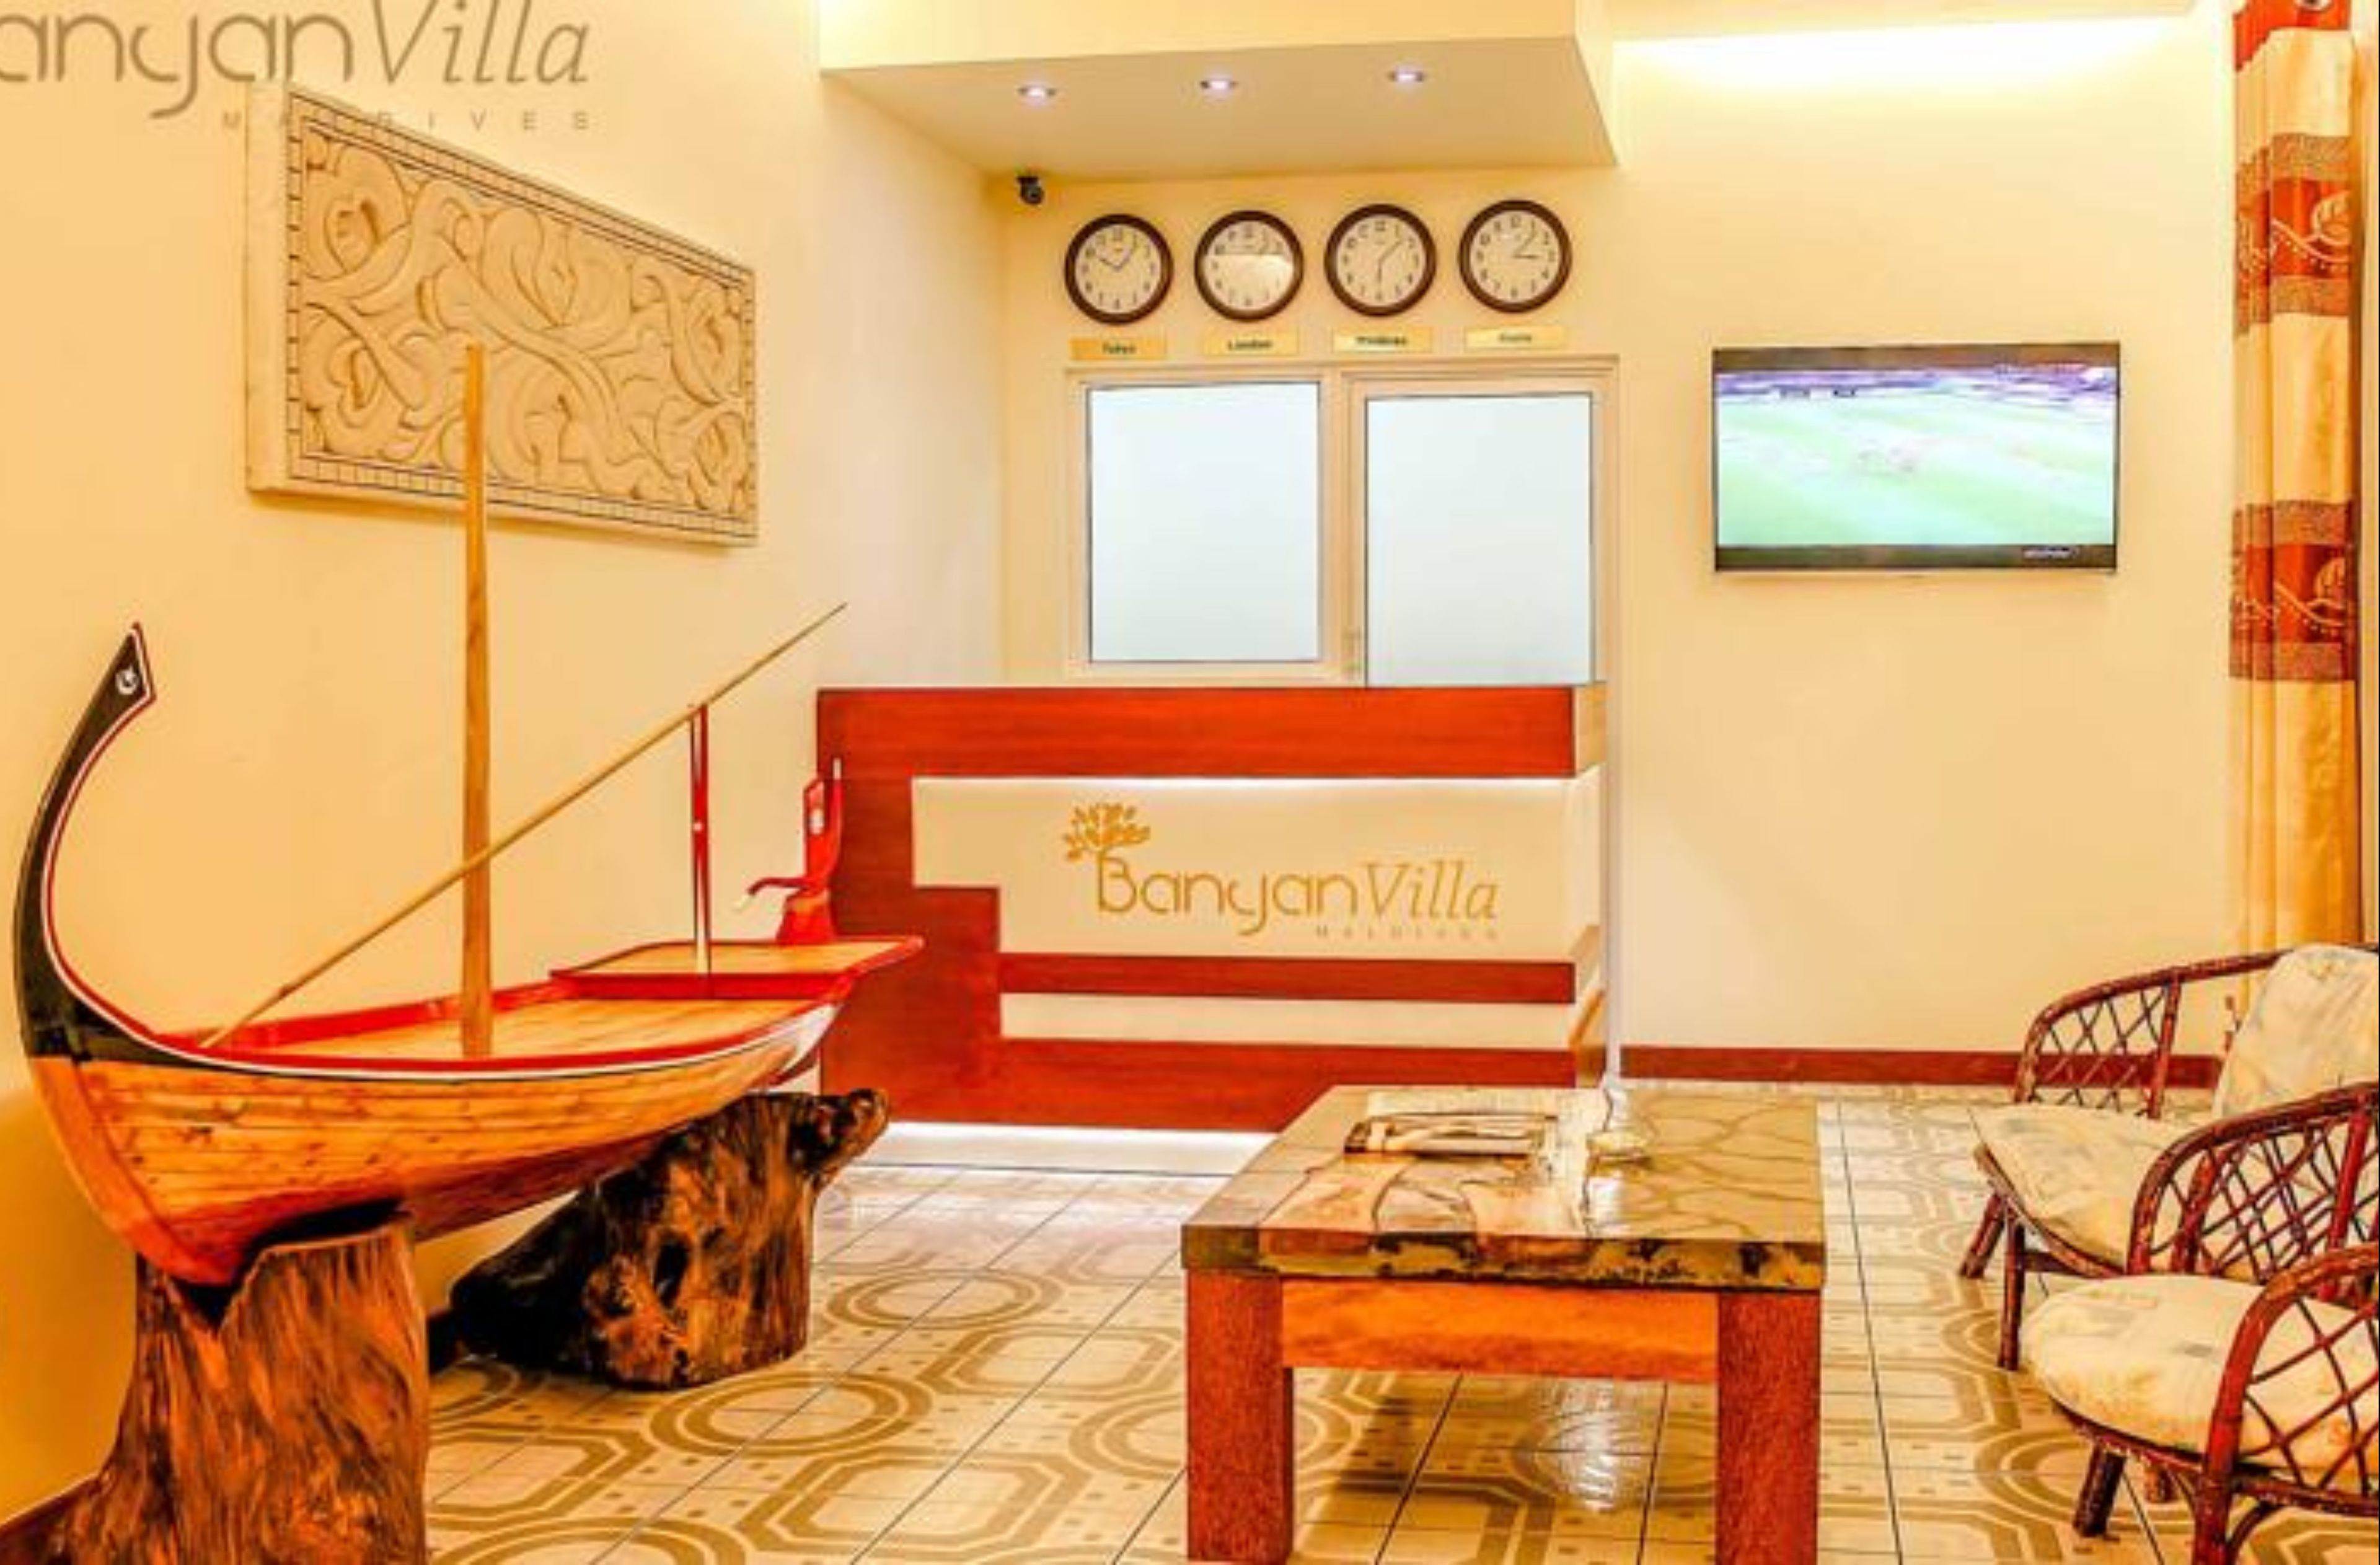 Banyan Villa